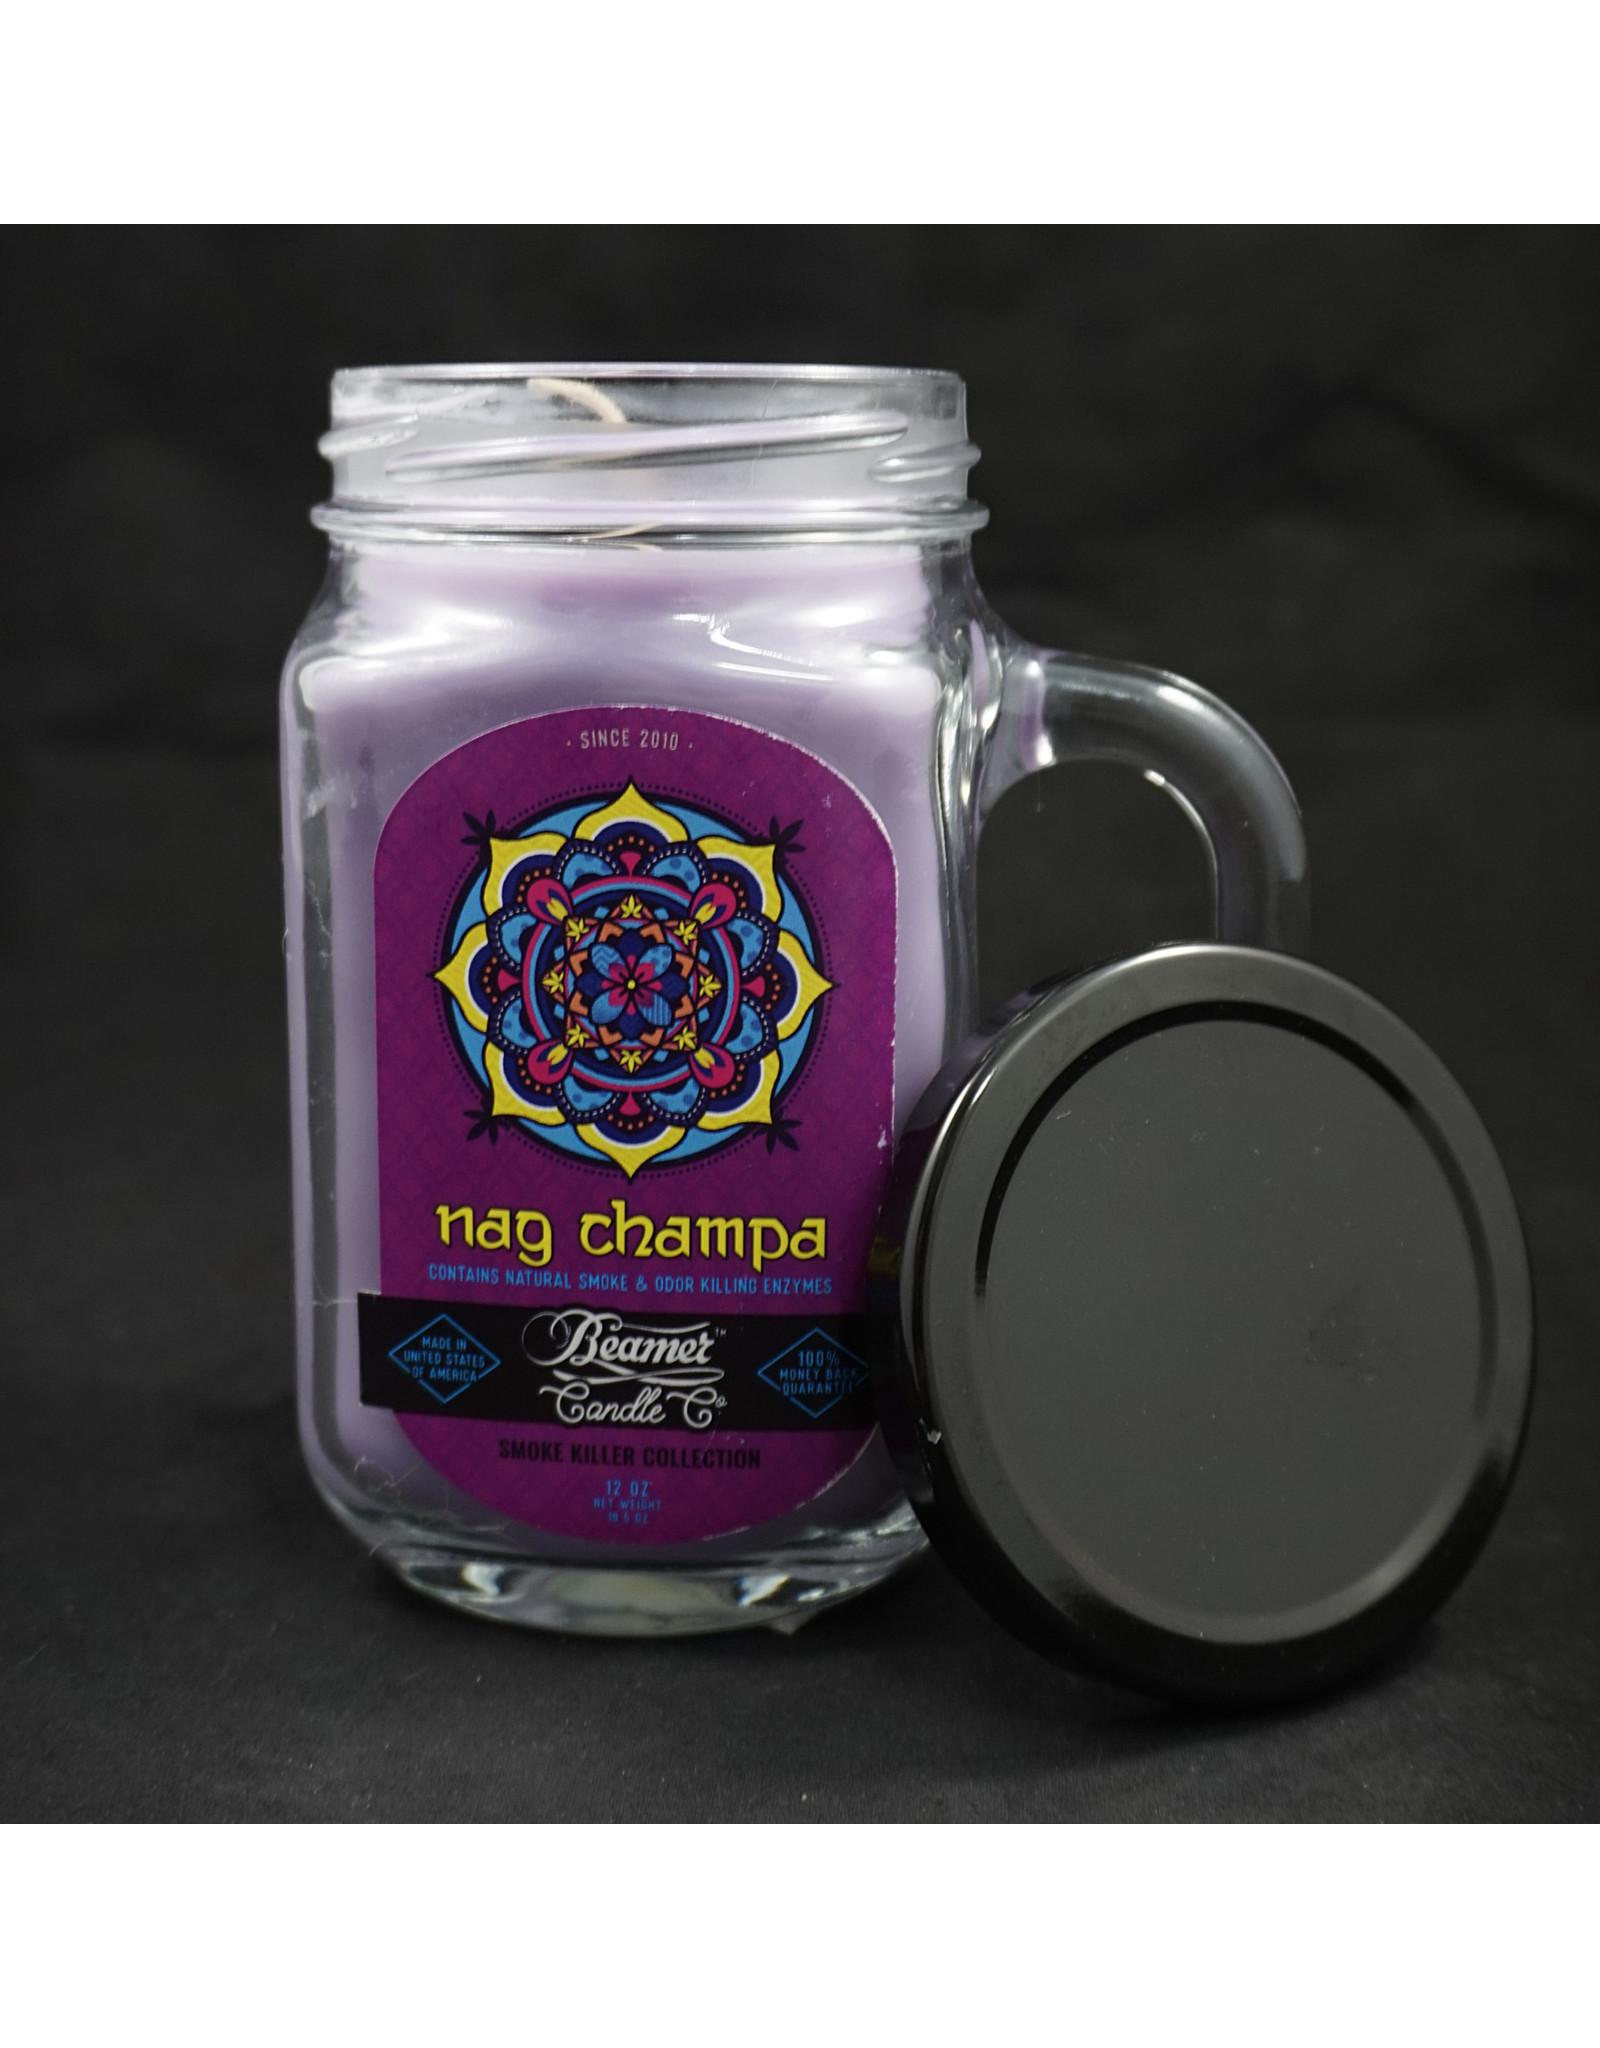 Beamer Candle - Smoker Killer Collection Nag Champa